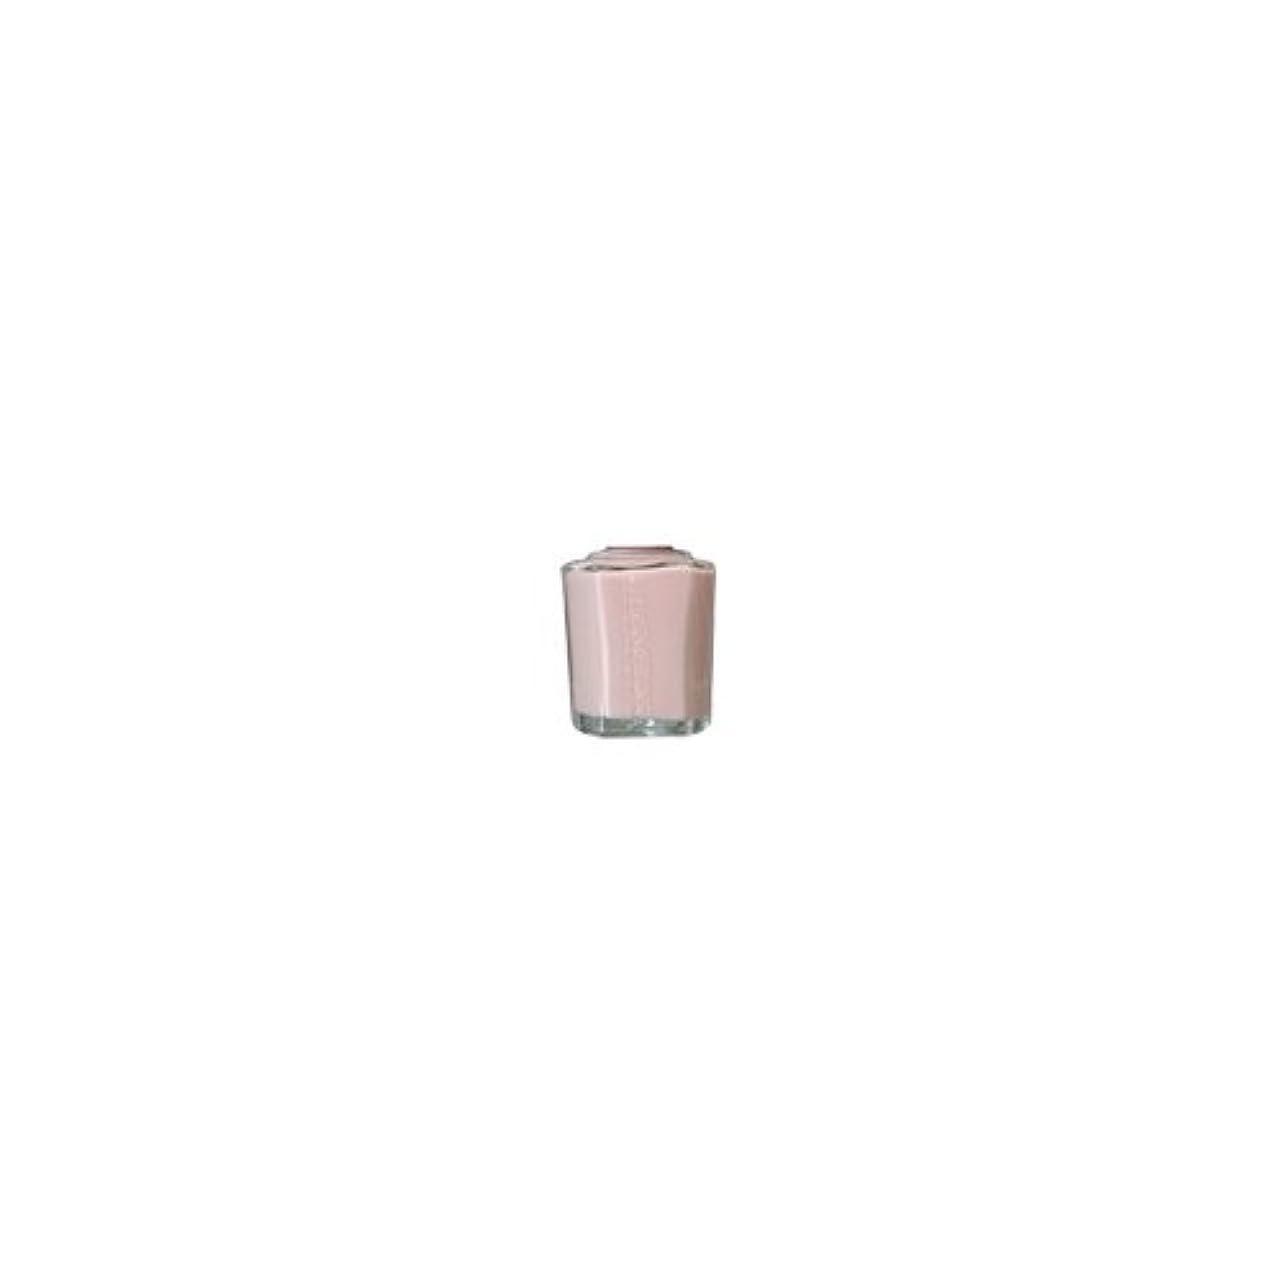 使用法液化するリビングルームSHAREYDVA(シャレドワ) シャレドワカラー 〔15ml〕<BR>No.92 アンティークベージュ